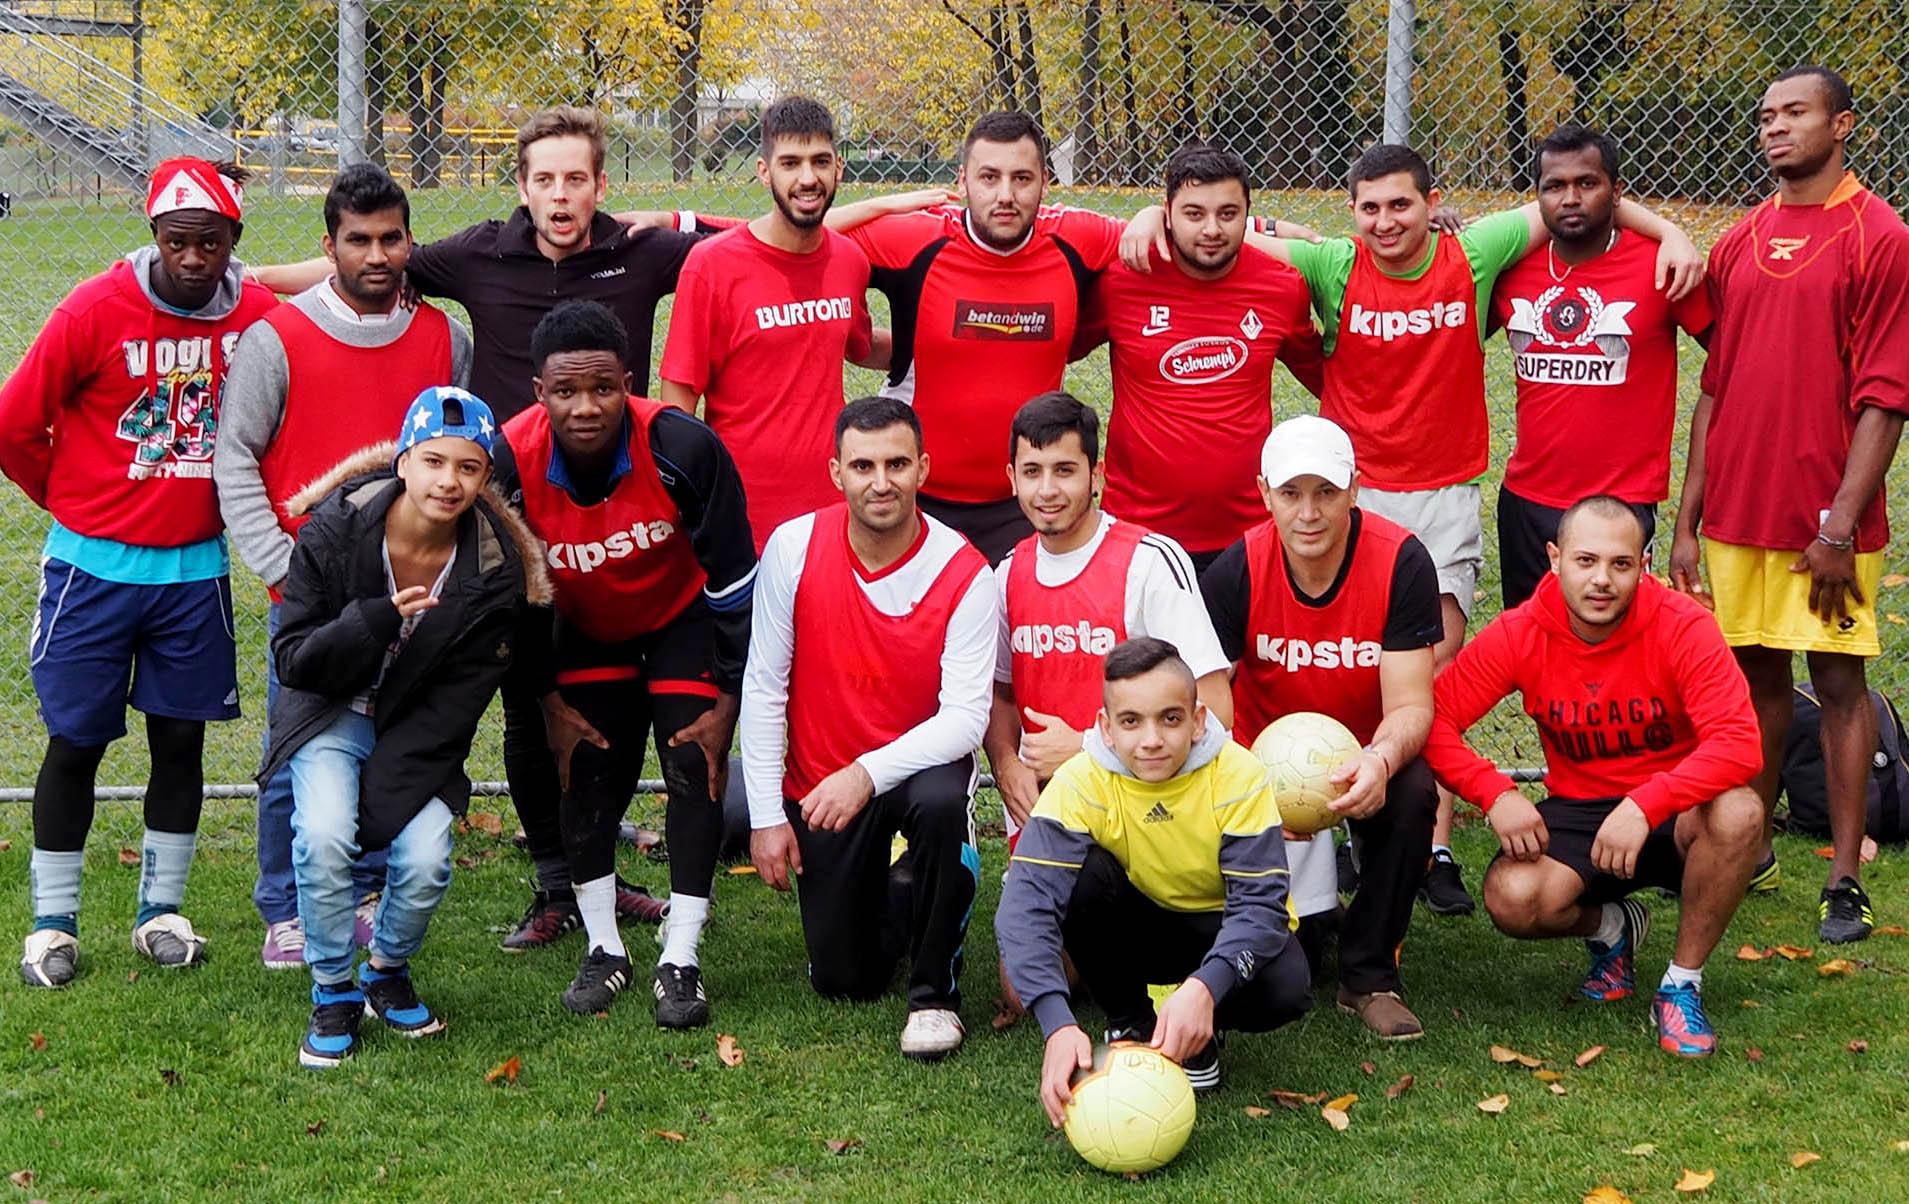 23.10.15. Fußballturnier